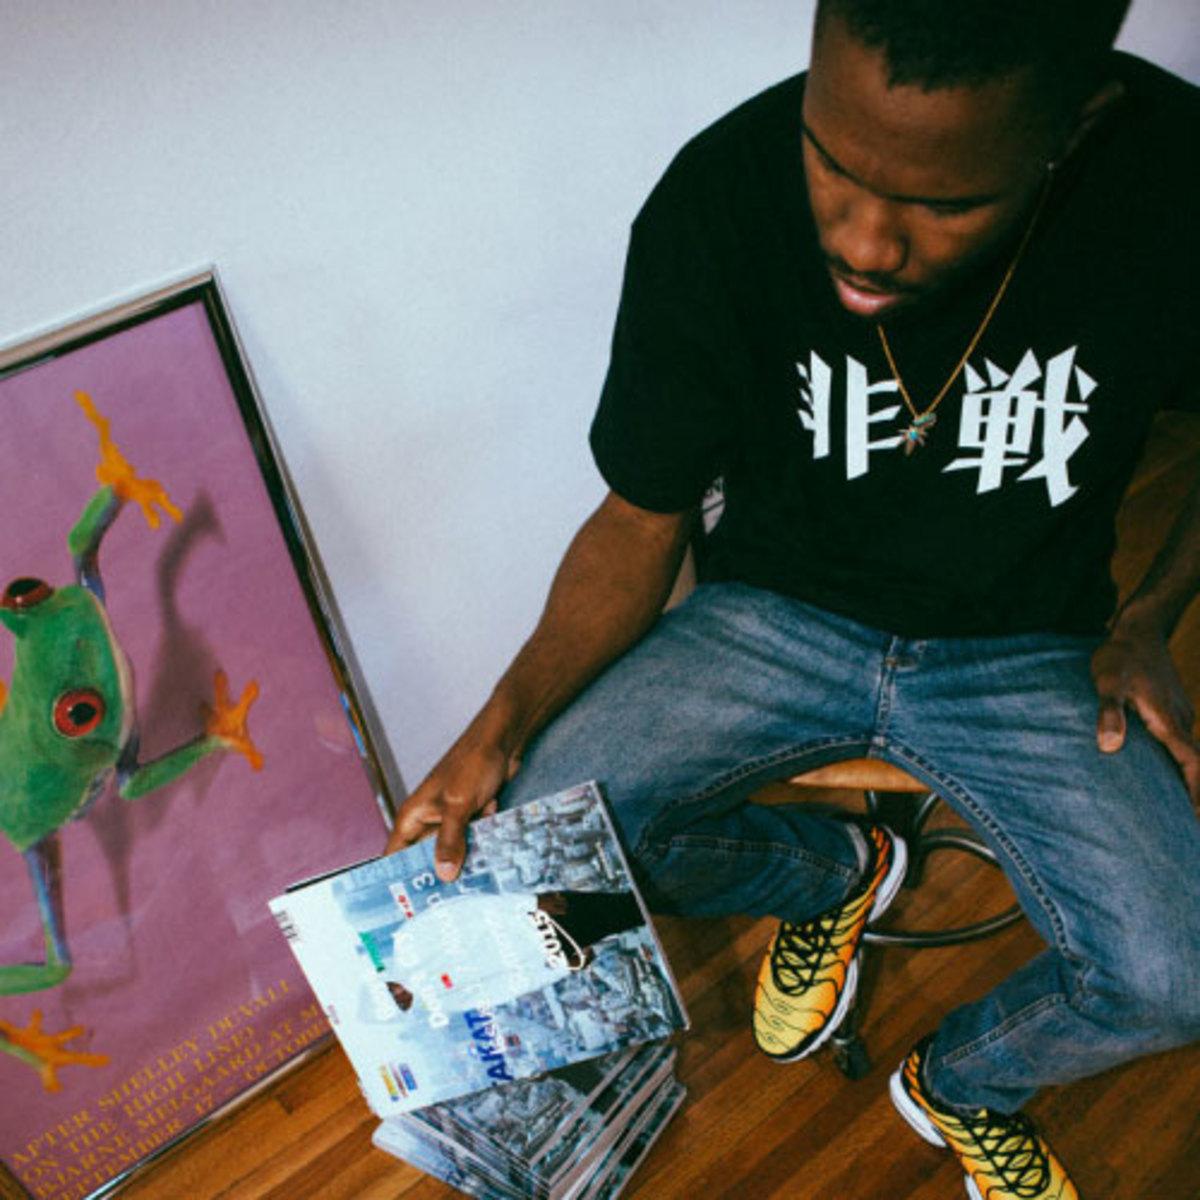 frank-ocean-new-album.jpg